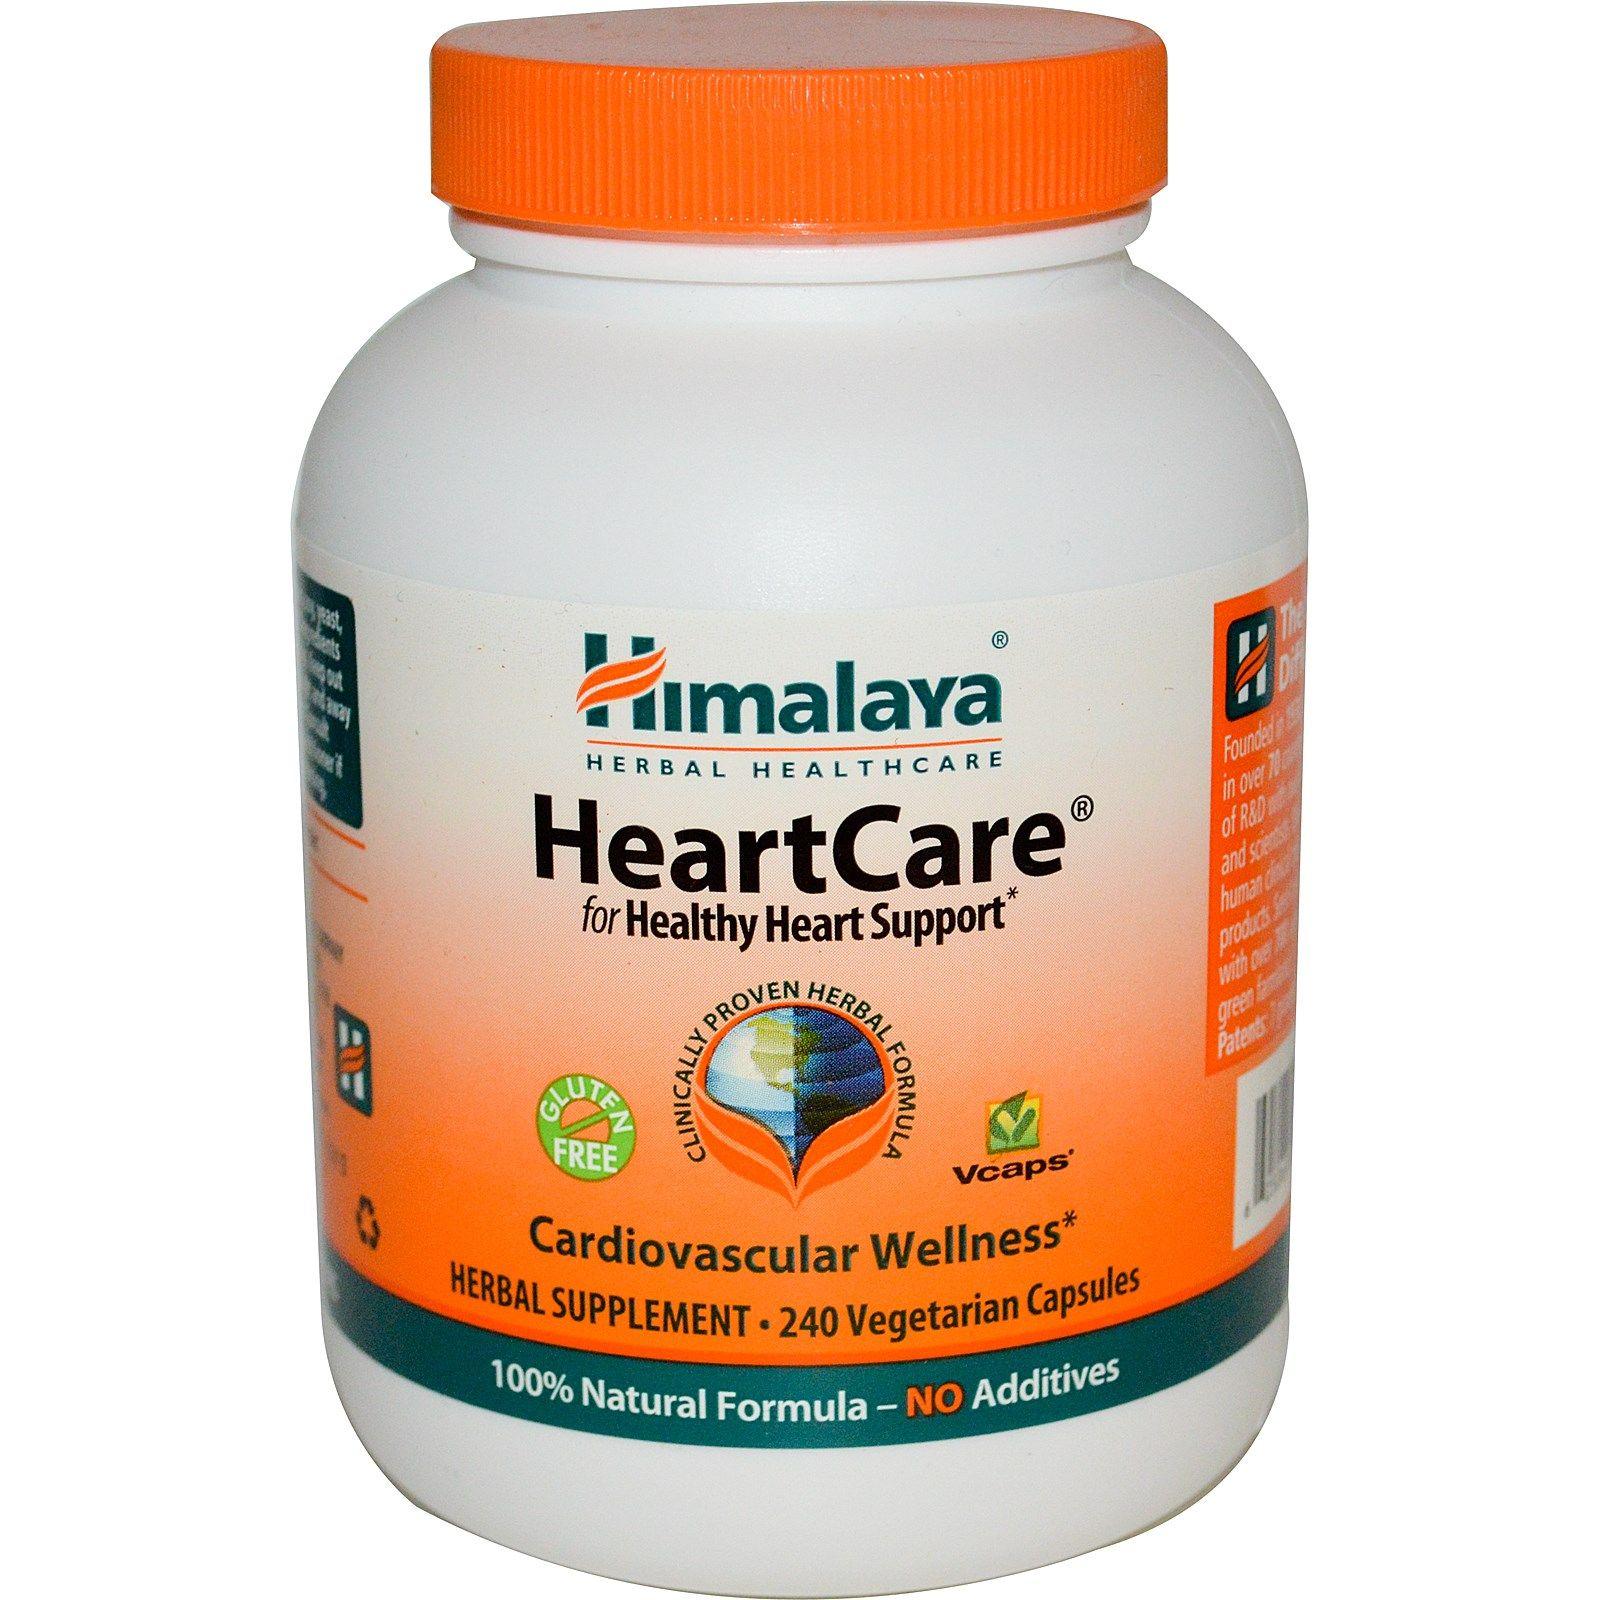 Himalaya, HeartCare, 240 Vegetarian Capsules Herbalism